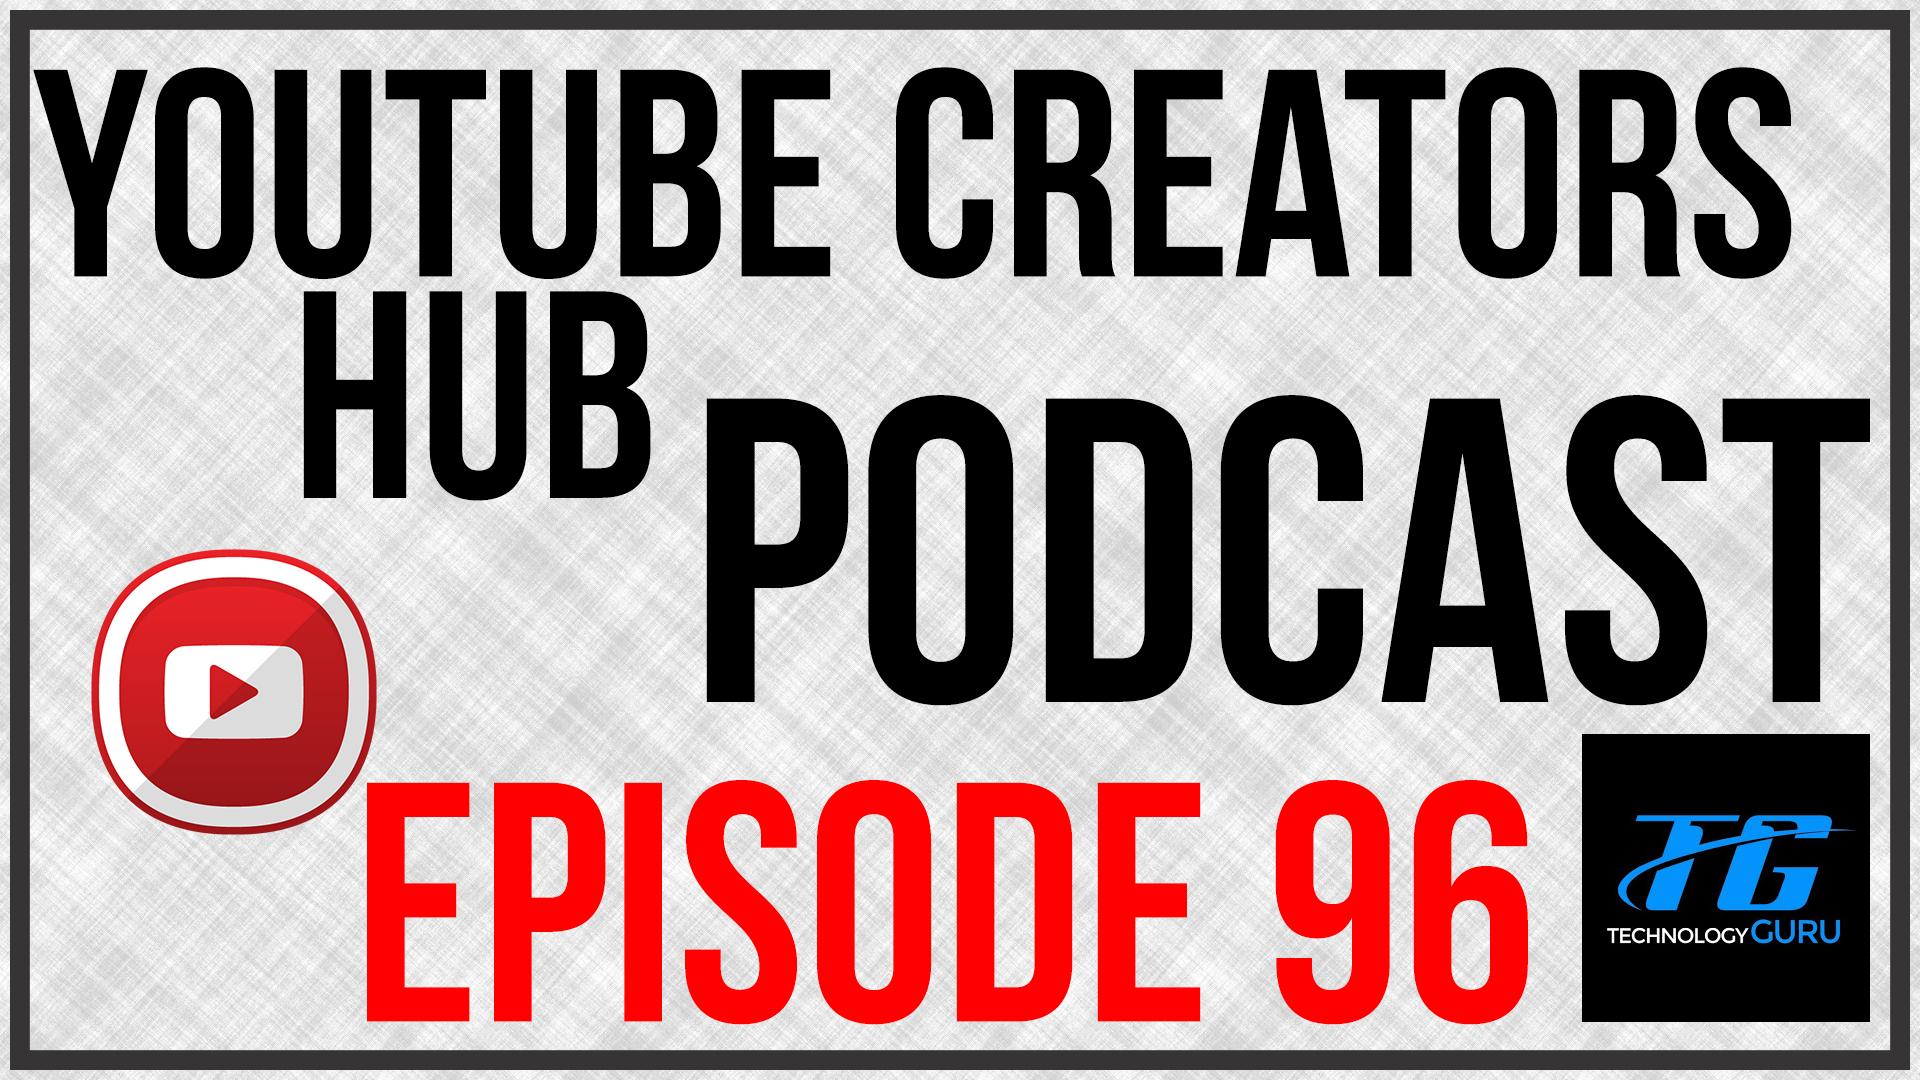 YouTube Creators Hub Episode 96